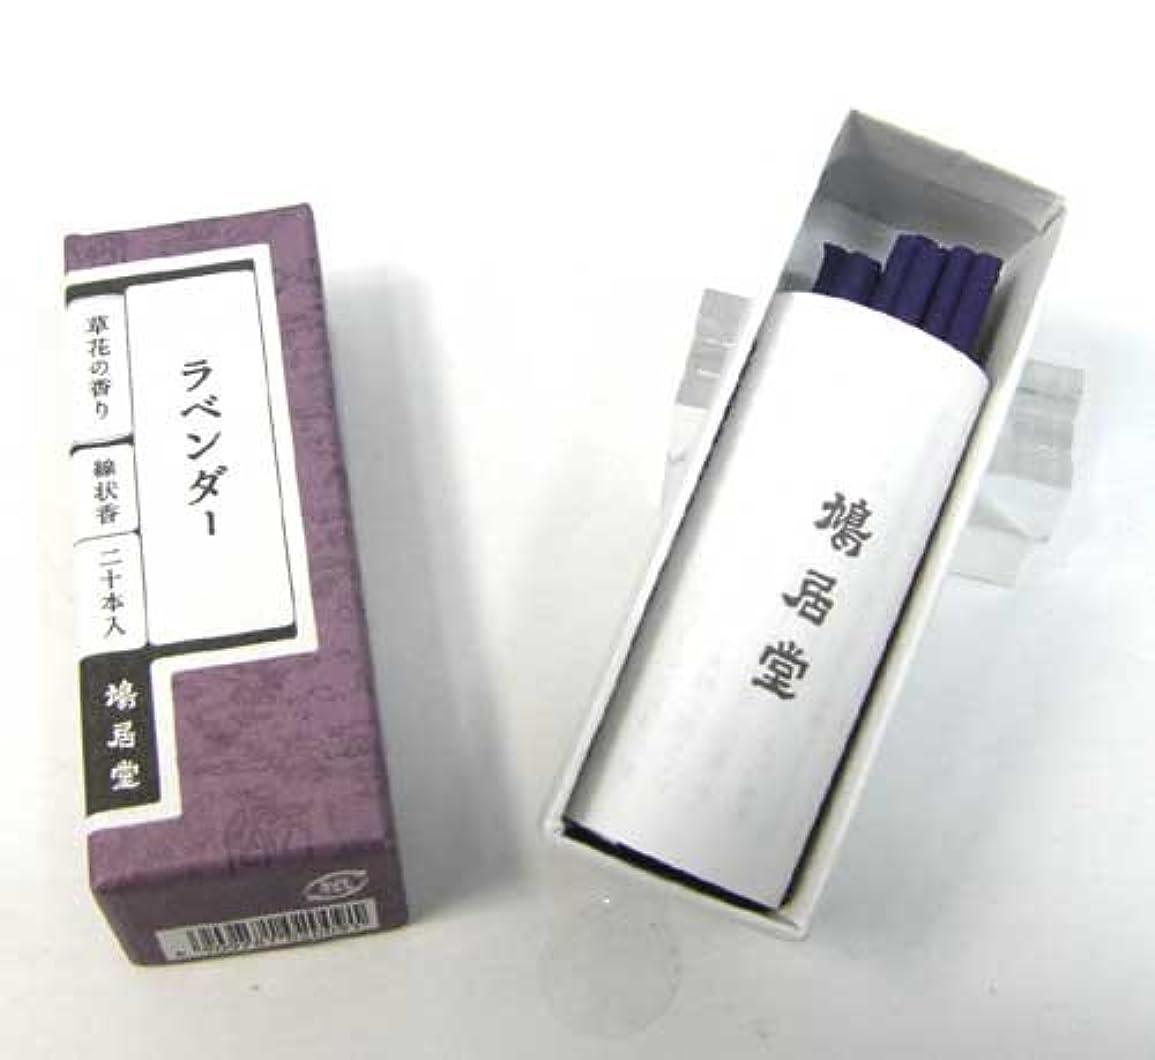 広告主夏イル鳩居堂 お香 ラベンダー 草花の香りシリーズ スティックタイプ(棒状香)20本いり